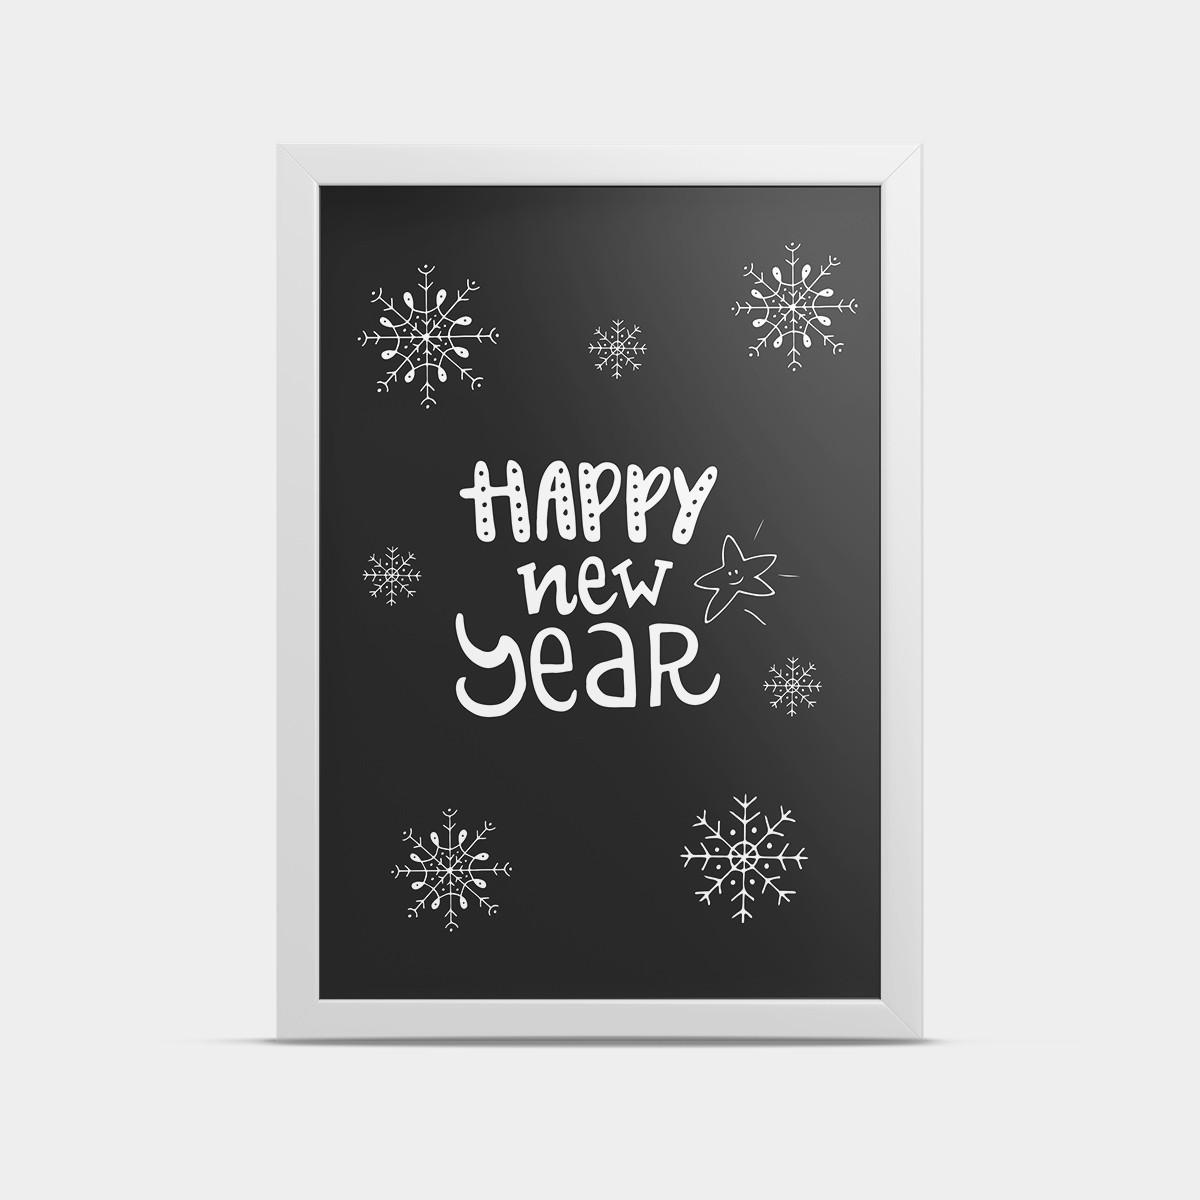 Постер Новогодний Happy new year 20*30 см